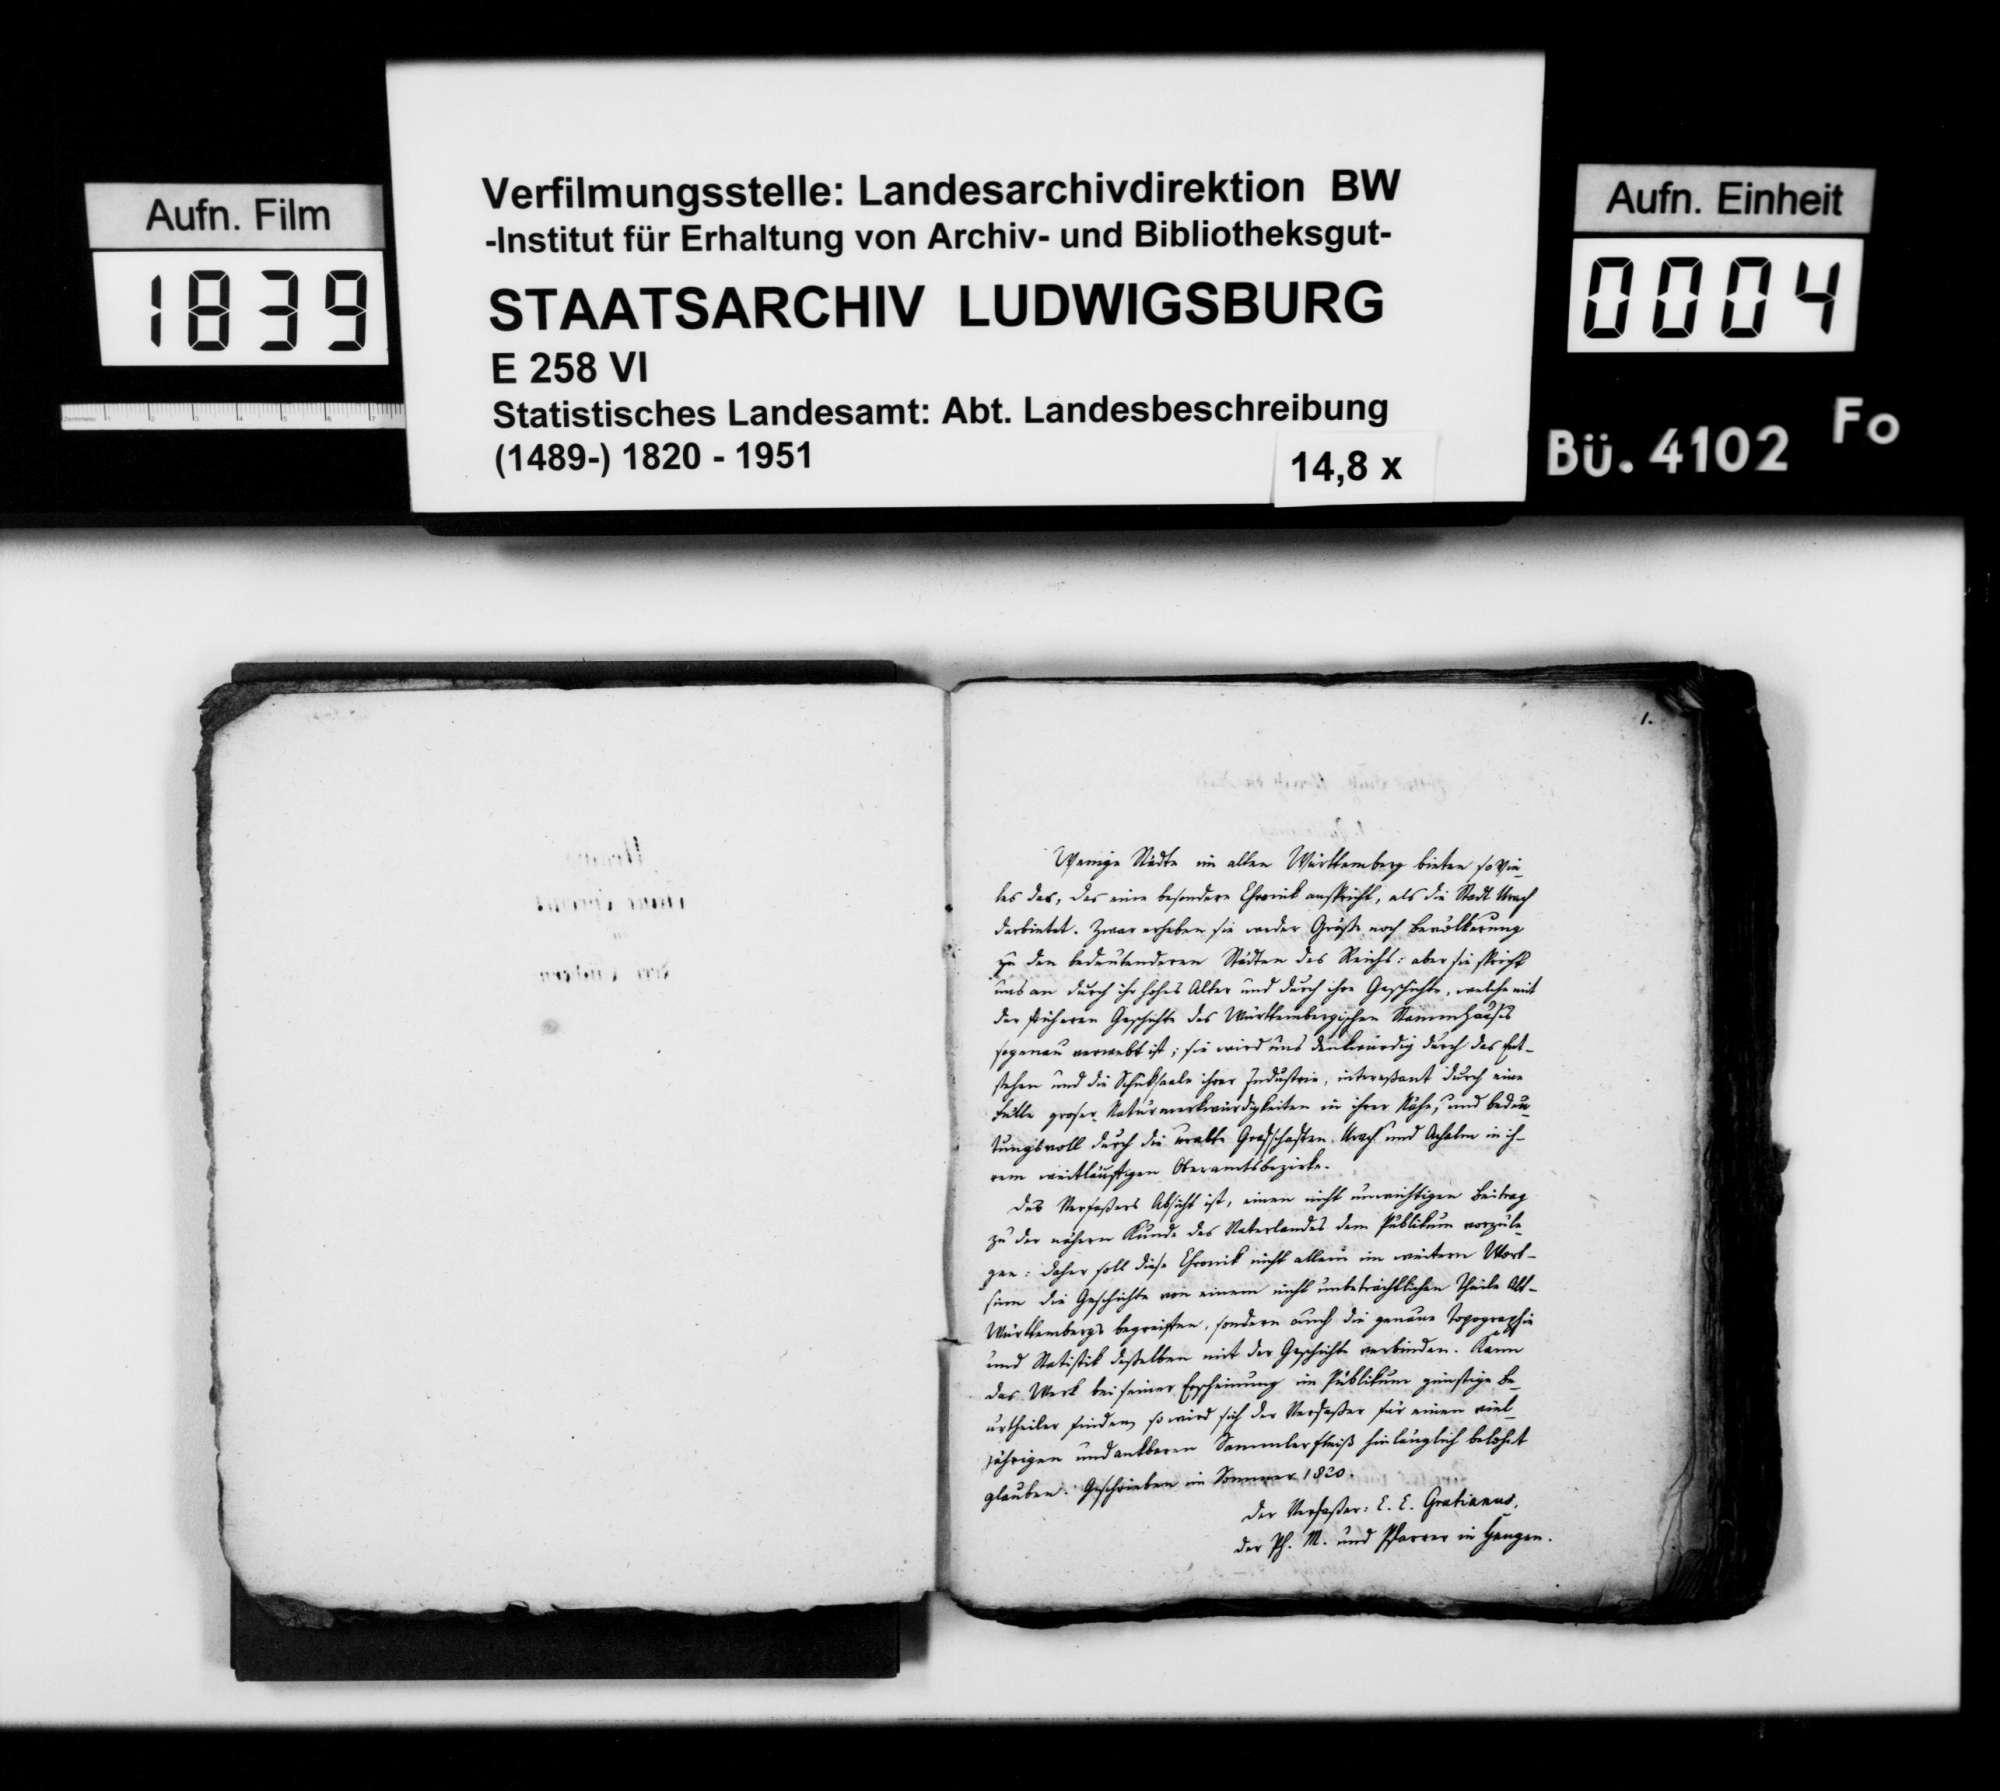 Manuskript des Pfarrers [Karl Christian] Gratianus aus Hengen: Urachs kleine Chronik, 1. Buch: Die Stadt. Fünfte Bearbeitungsstufe, Bild 3